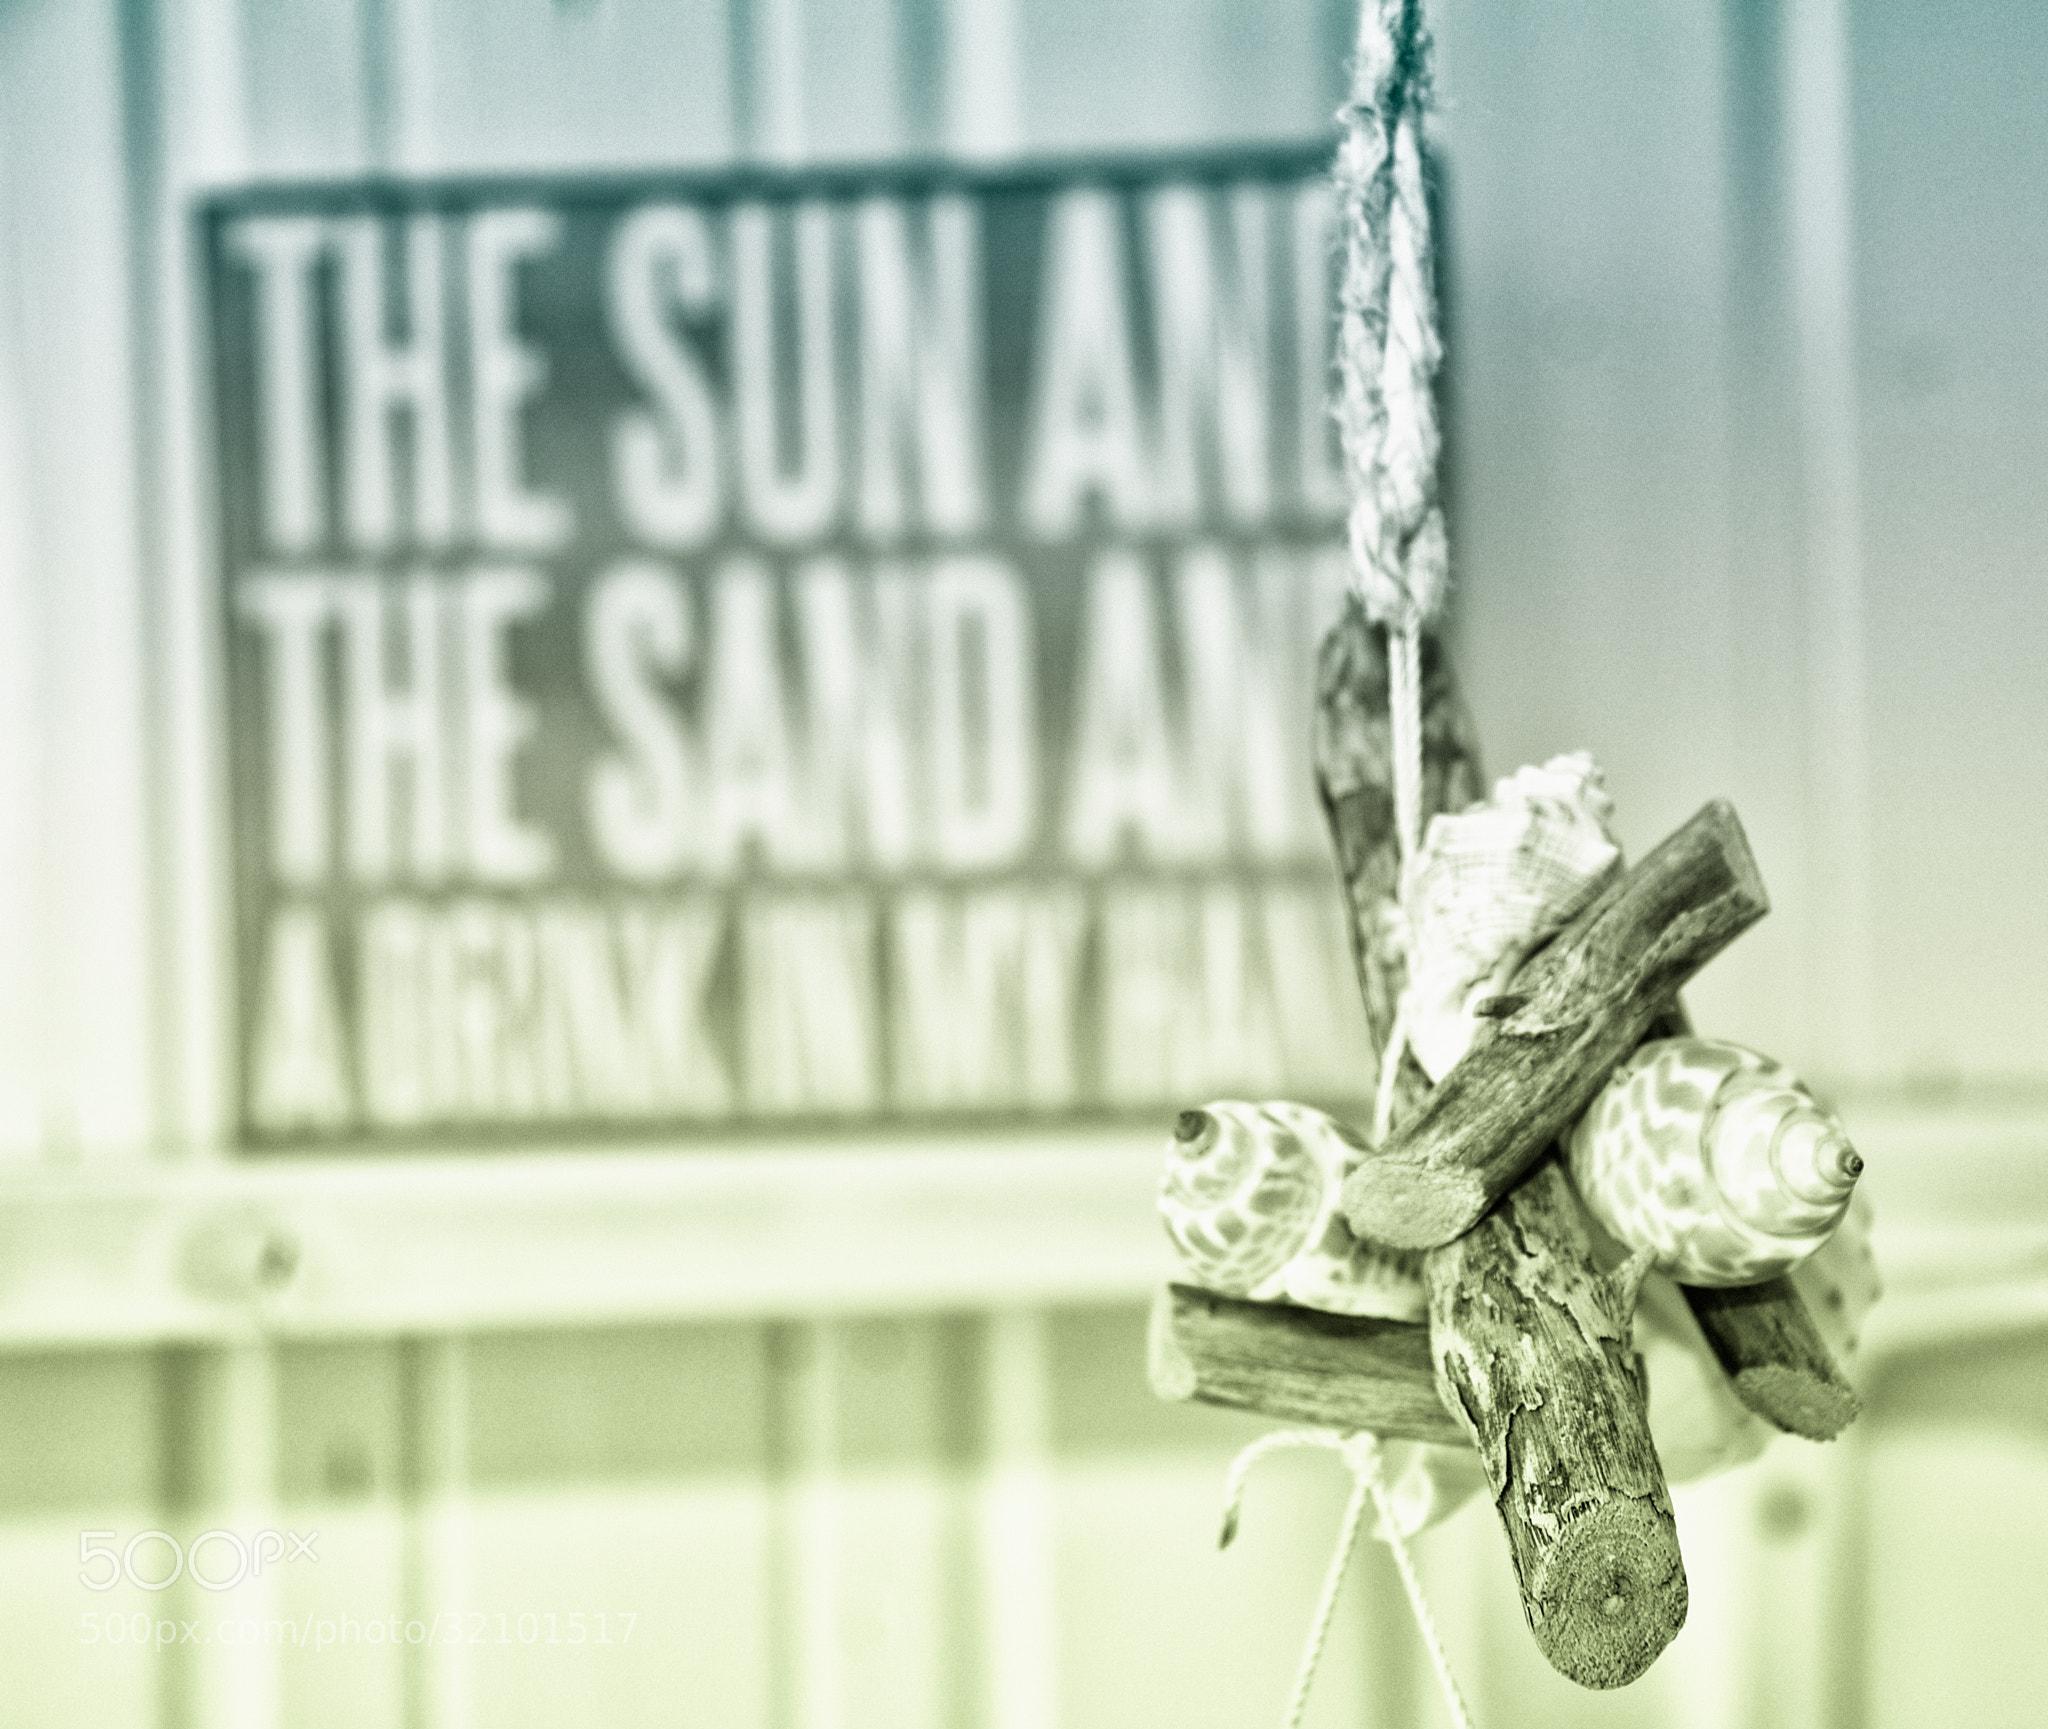 Photograph Sun & Sand by Alex van der Lecq on 500px